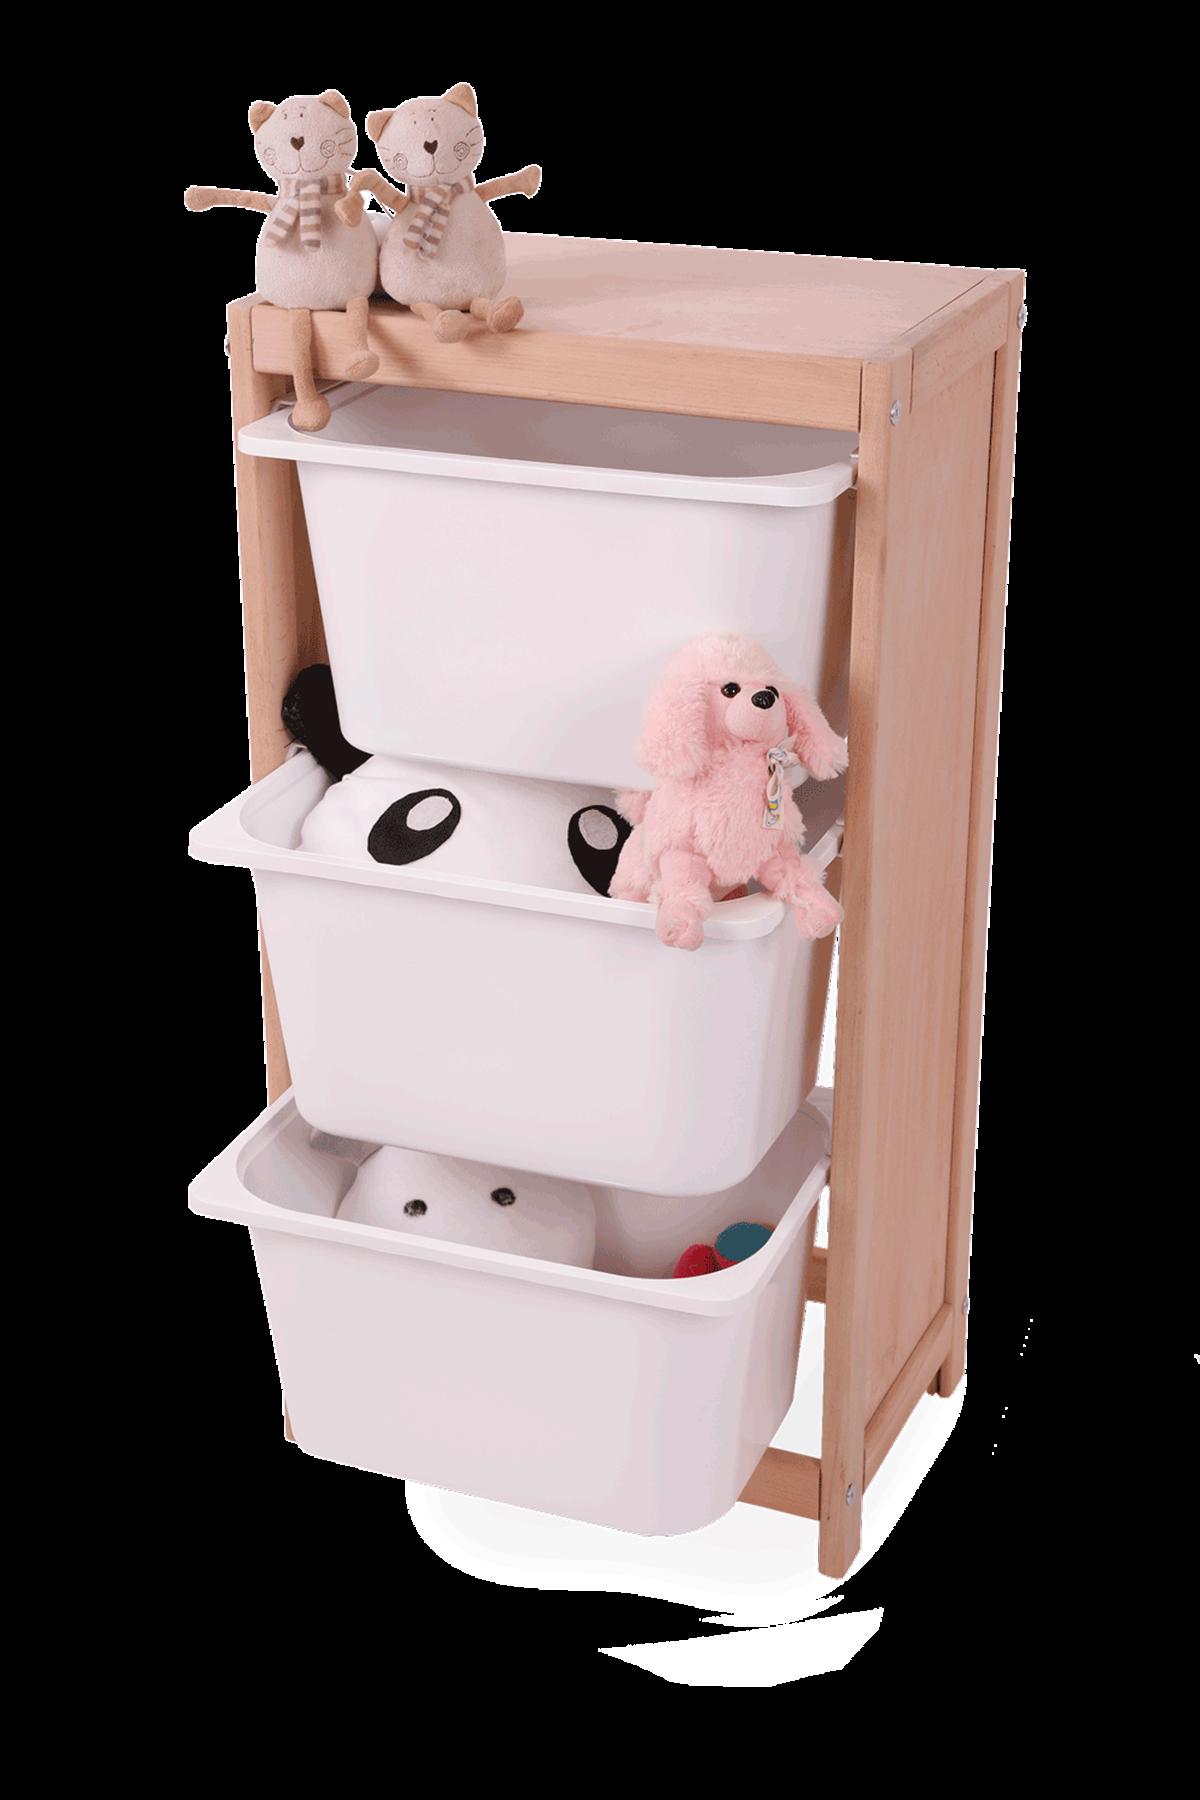 """خزانة متعددة الأغراض """"خزانة ألعاب خشبية مع 3 أدراج"""""""